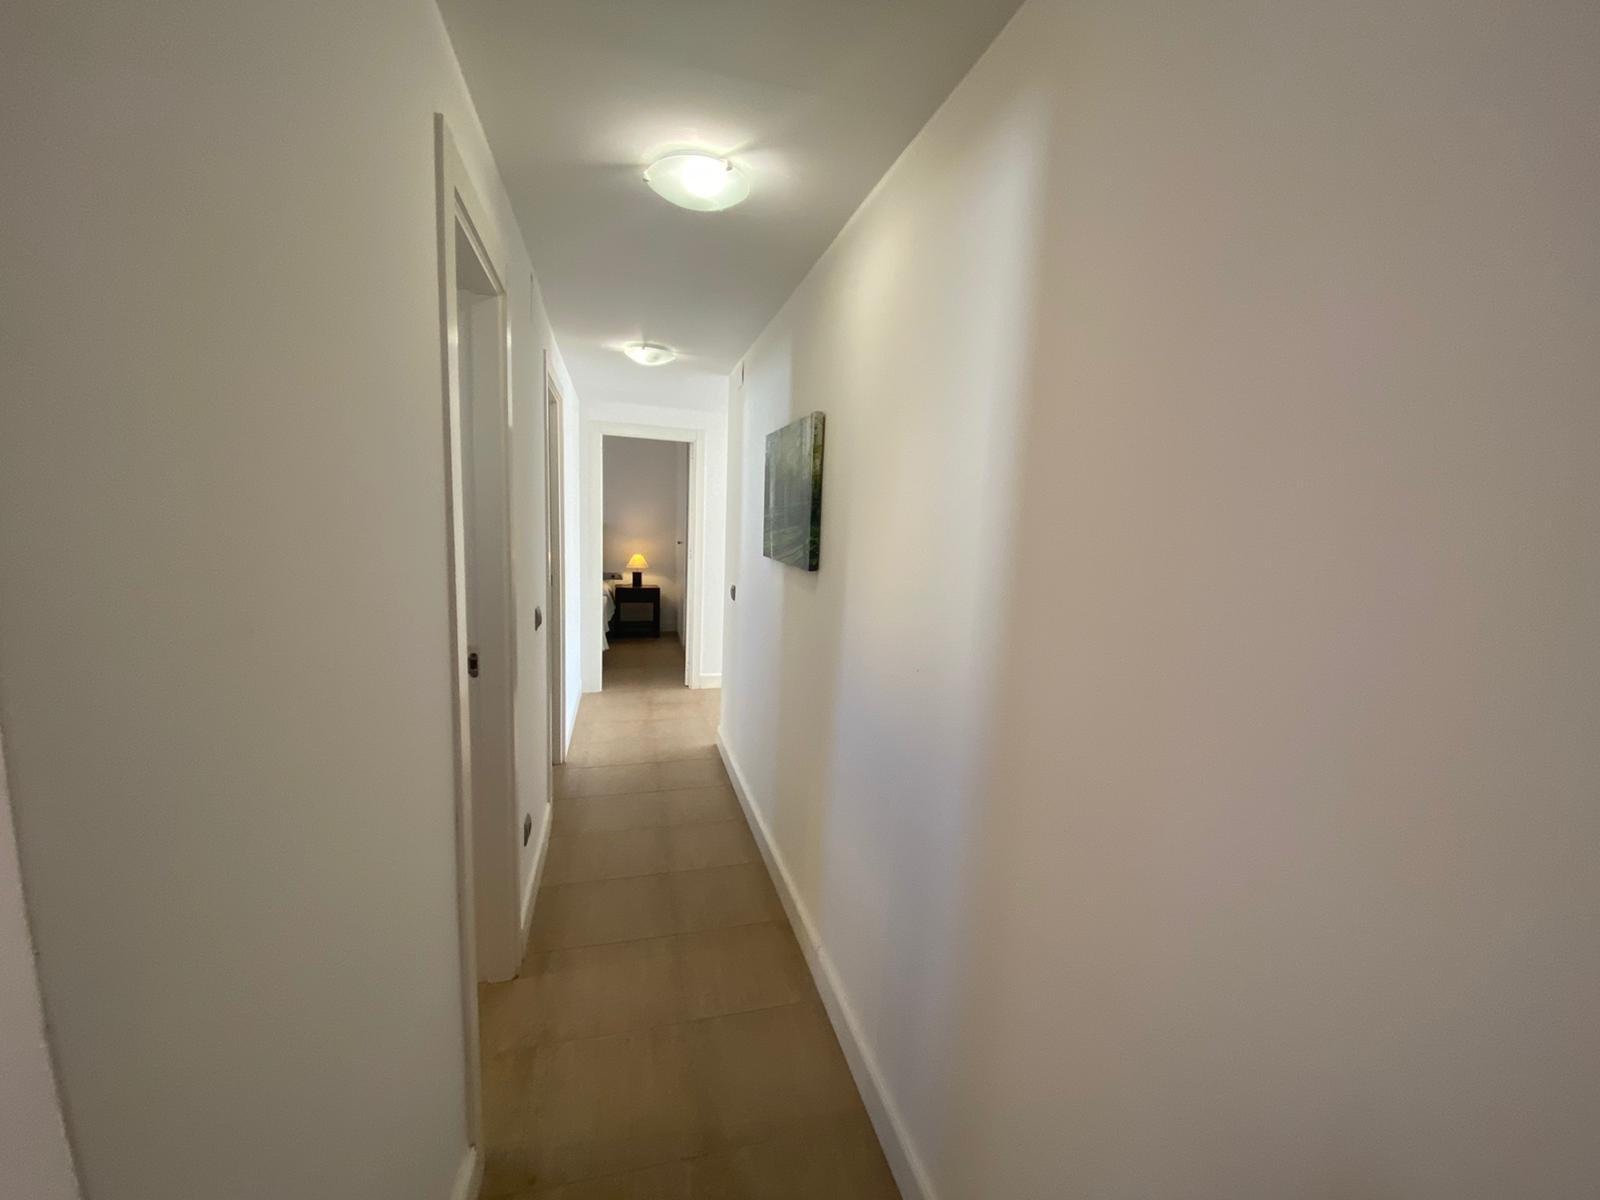 Imagen 12 del Apartamento Turístico, Ático 1 Levante (3d+2b), Punta del Moral (HUELVA), Paseo de la Cruz nº22